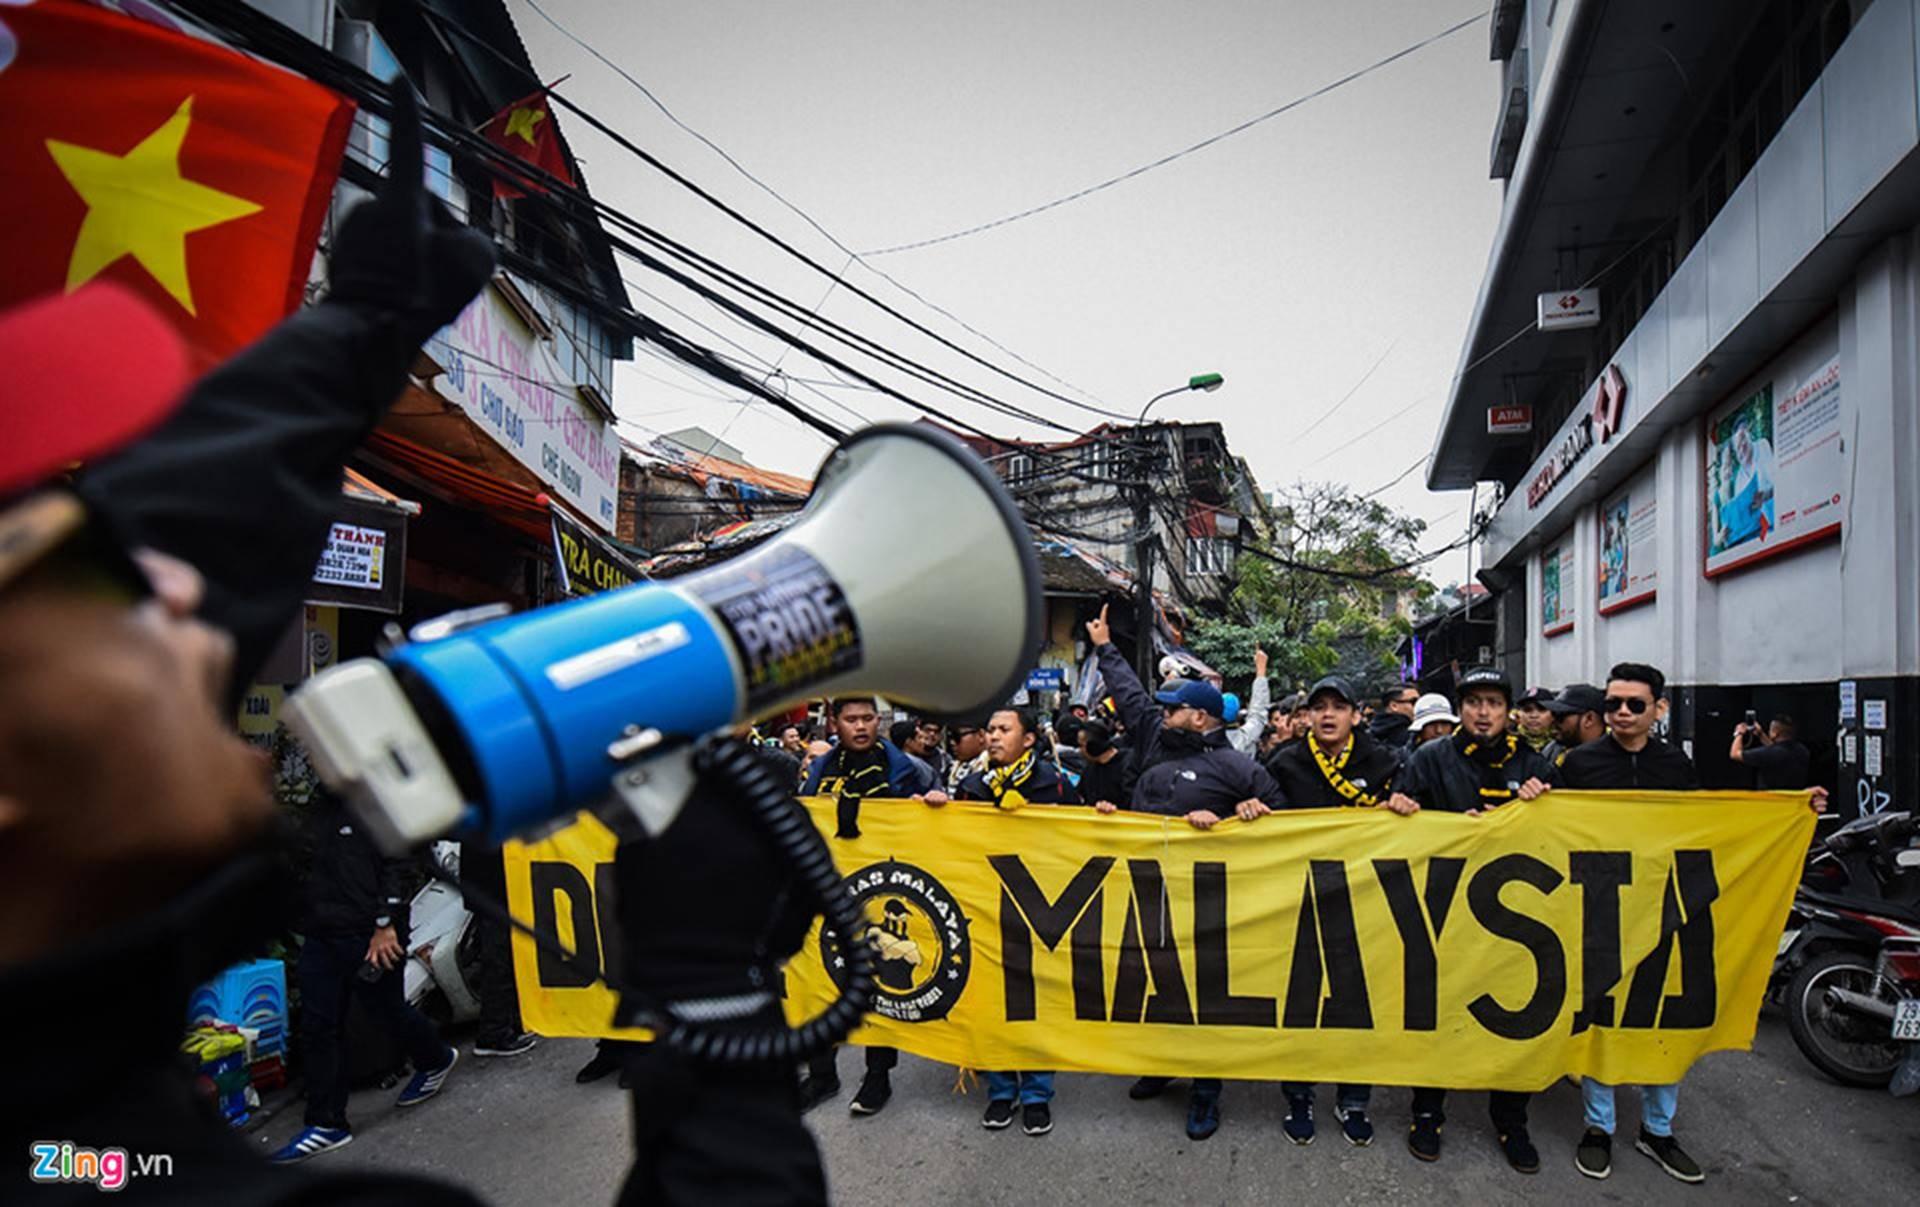 CĐV Malaysia náo loạn phố cổ Hà Nội trước trận chung kết-3